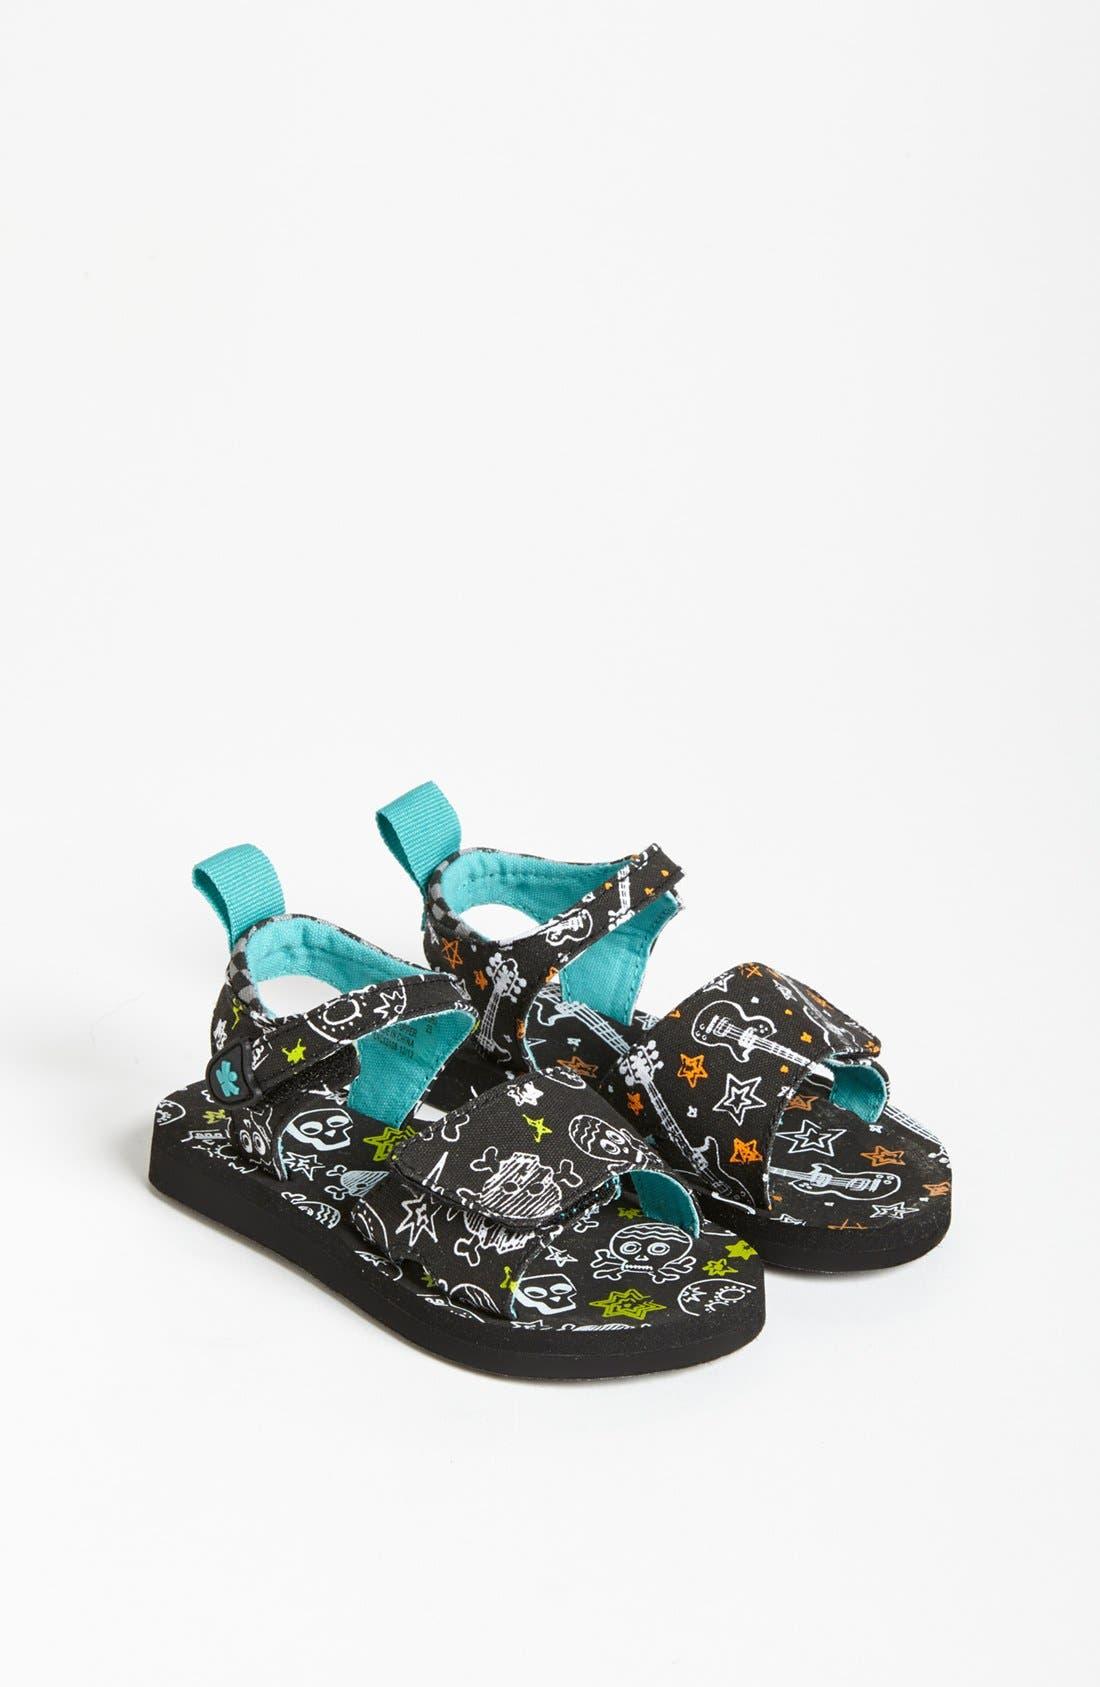 Alternate Image 1 Selected - CHOOZE 'Breeze - Rockout 2' Sandal (Baby, Walker & Toddler)